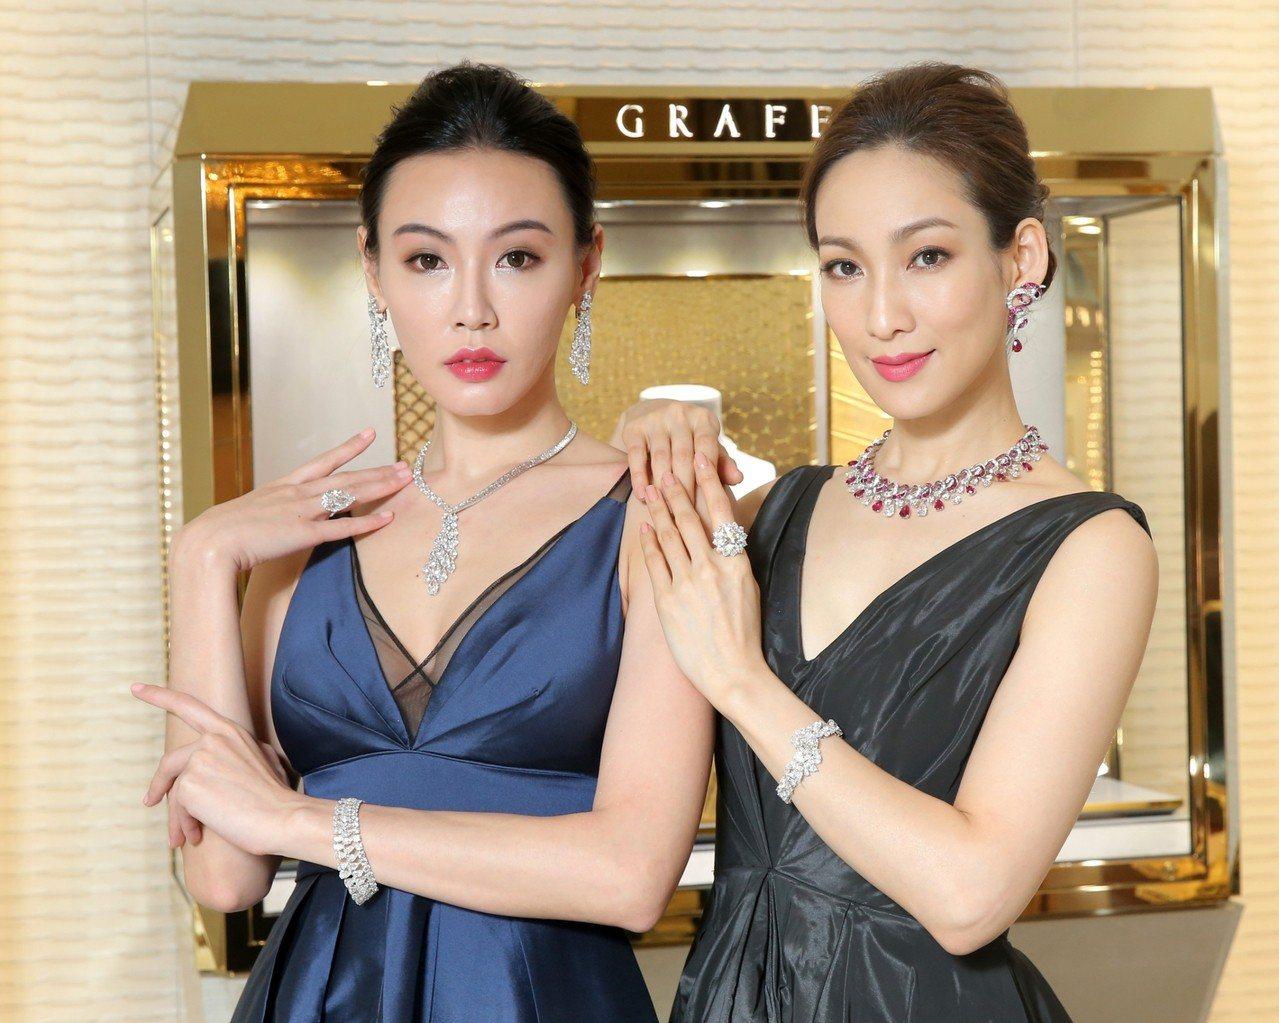 (左)模特兒展示格拉夫以梨形切割美鑽為主要設計主軸的一套經典珠寶,其中鑽戒主石為...